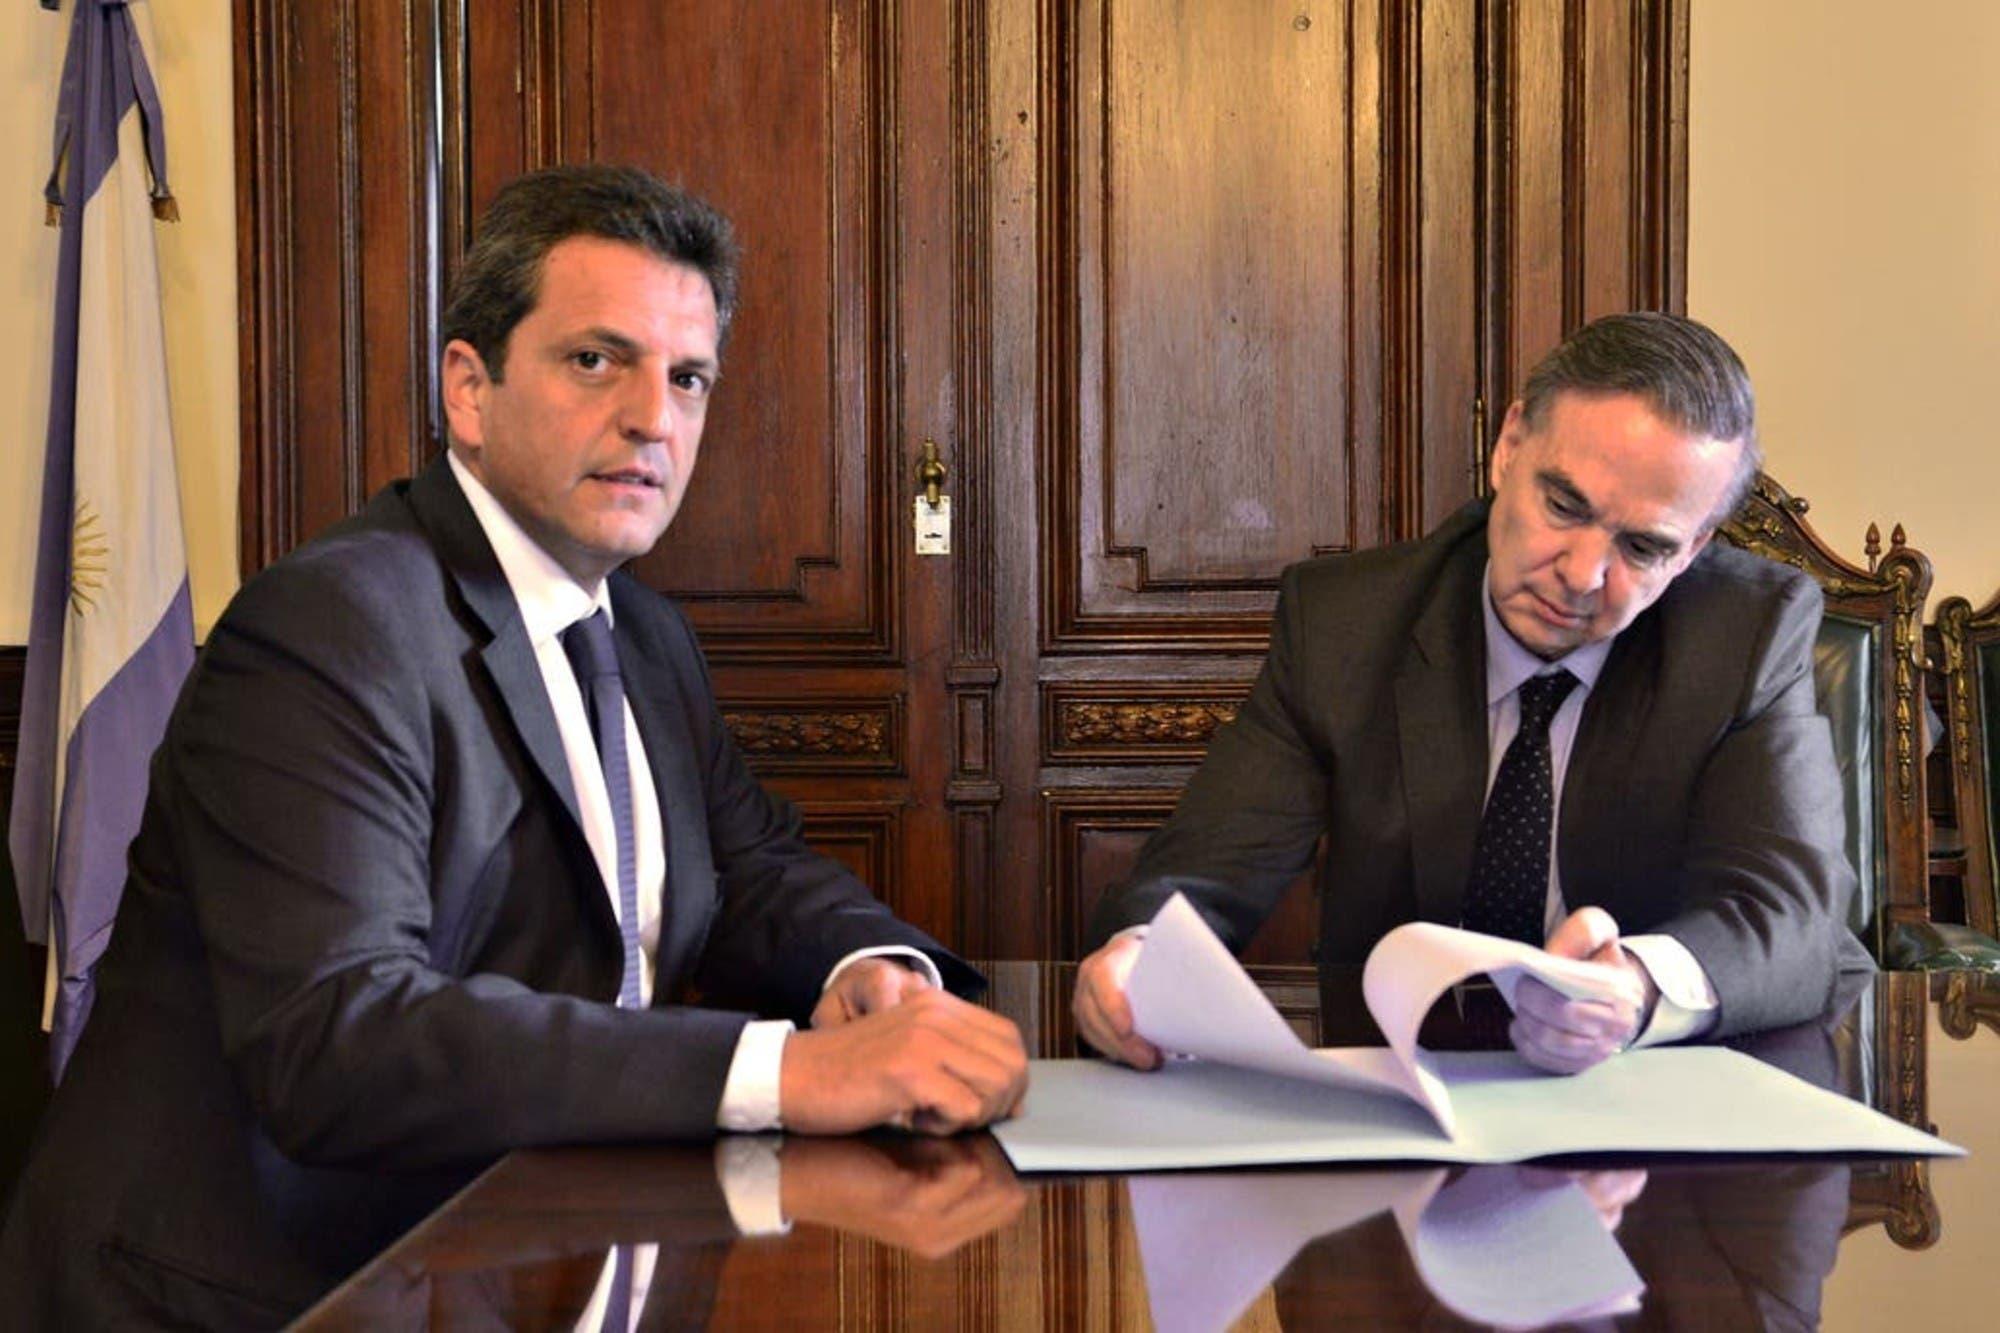 El oficialismo demora la asunción de Miguel Pichetto en la Auditoría General y desató un fuerte malestar en Juntos por el Cambio